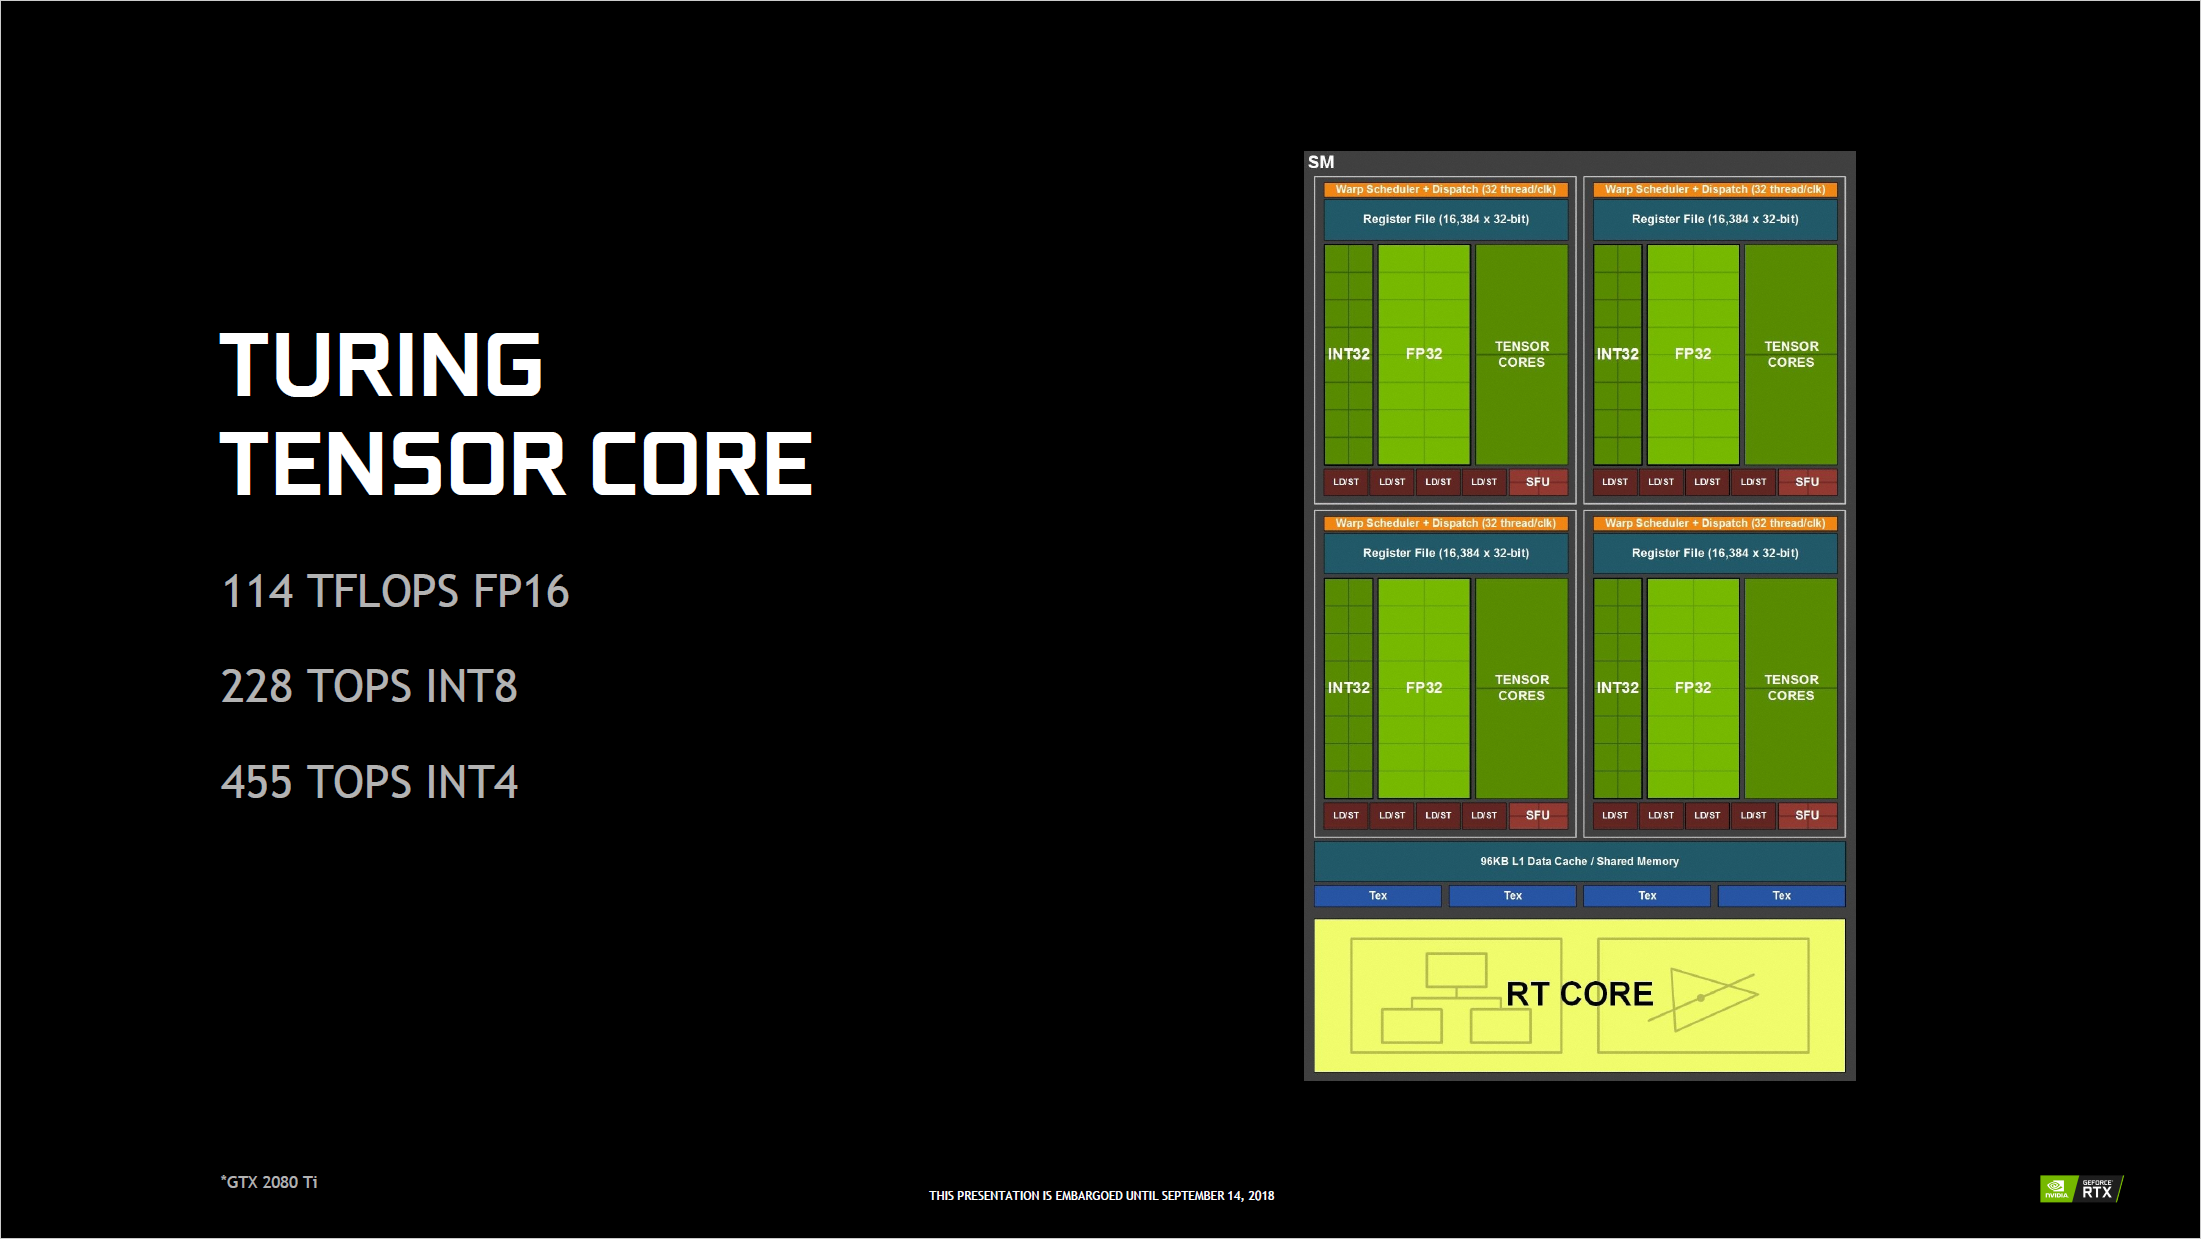 Grafikkarten: Das kann Nvidias Turing-Architektur - In jedem SM sitzen ein RT-Core und acht Tensor-Cores. (Bild: Nvidia)